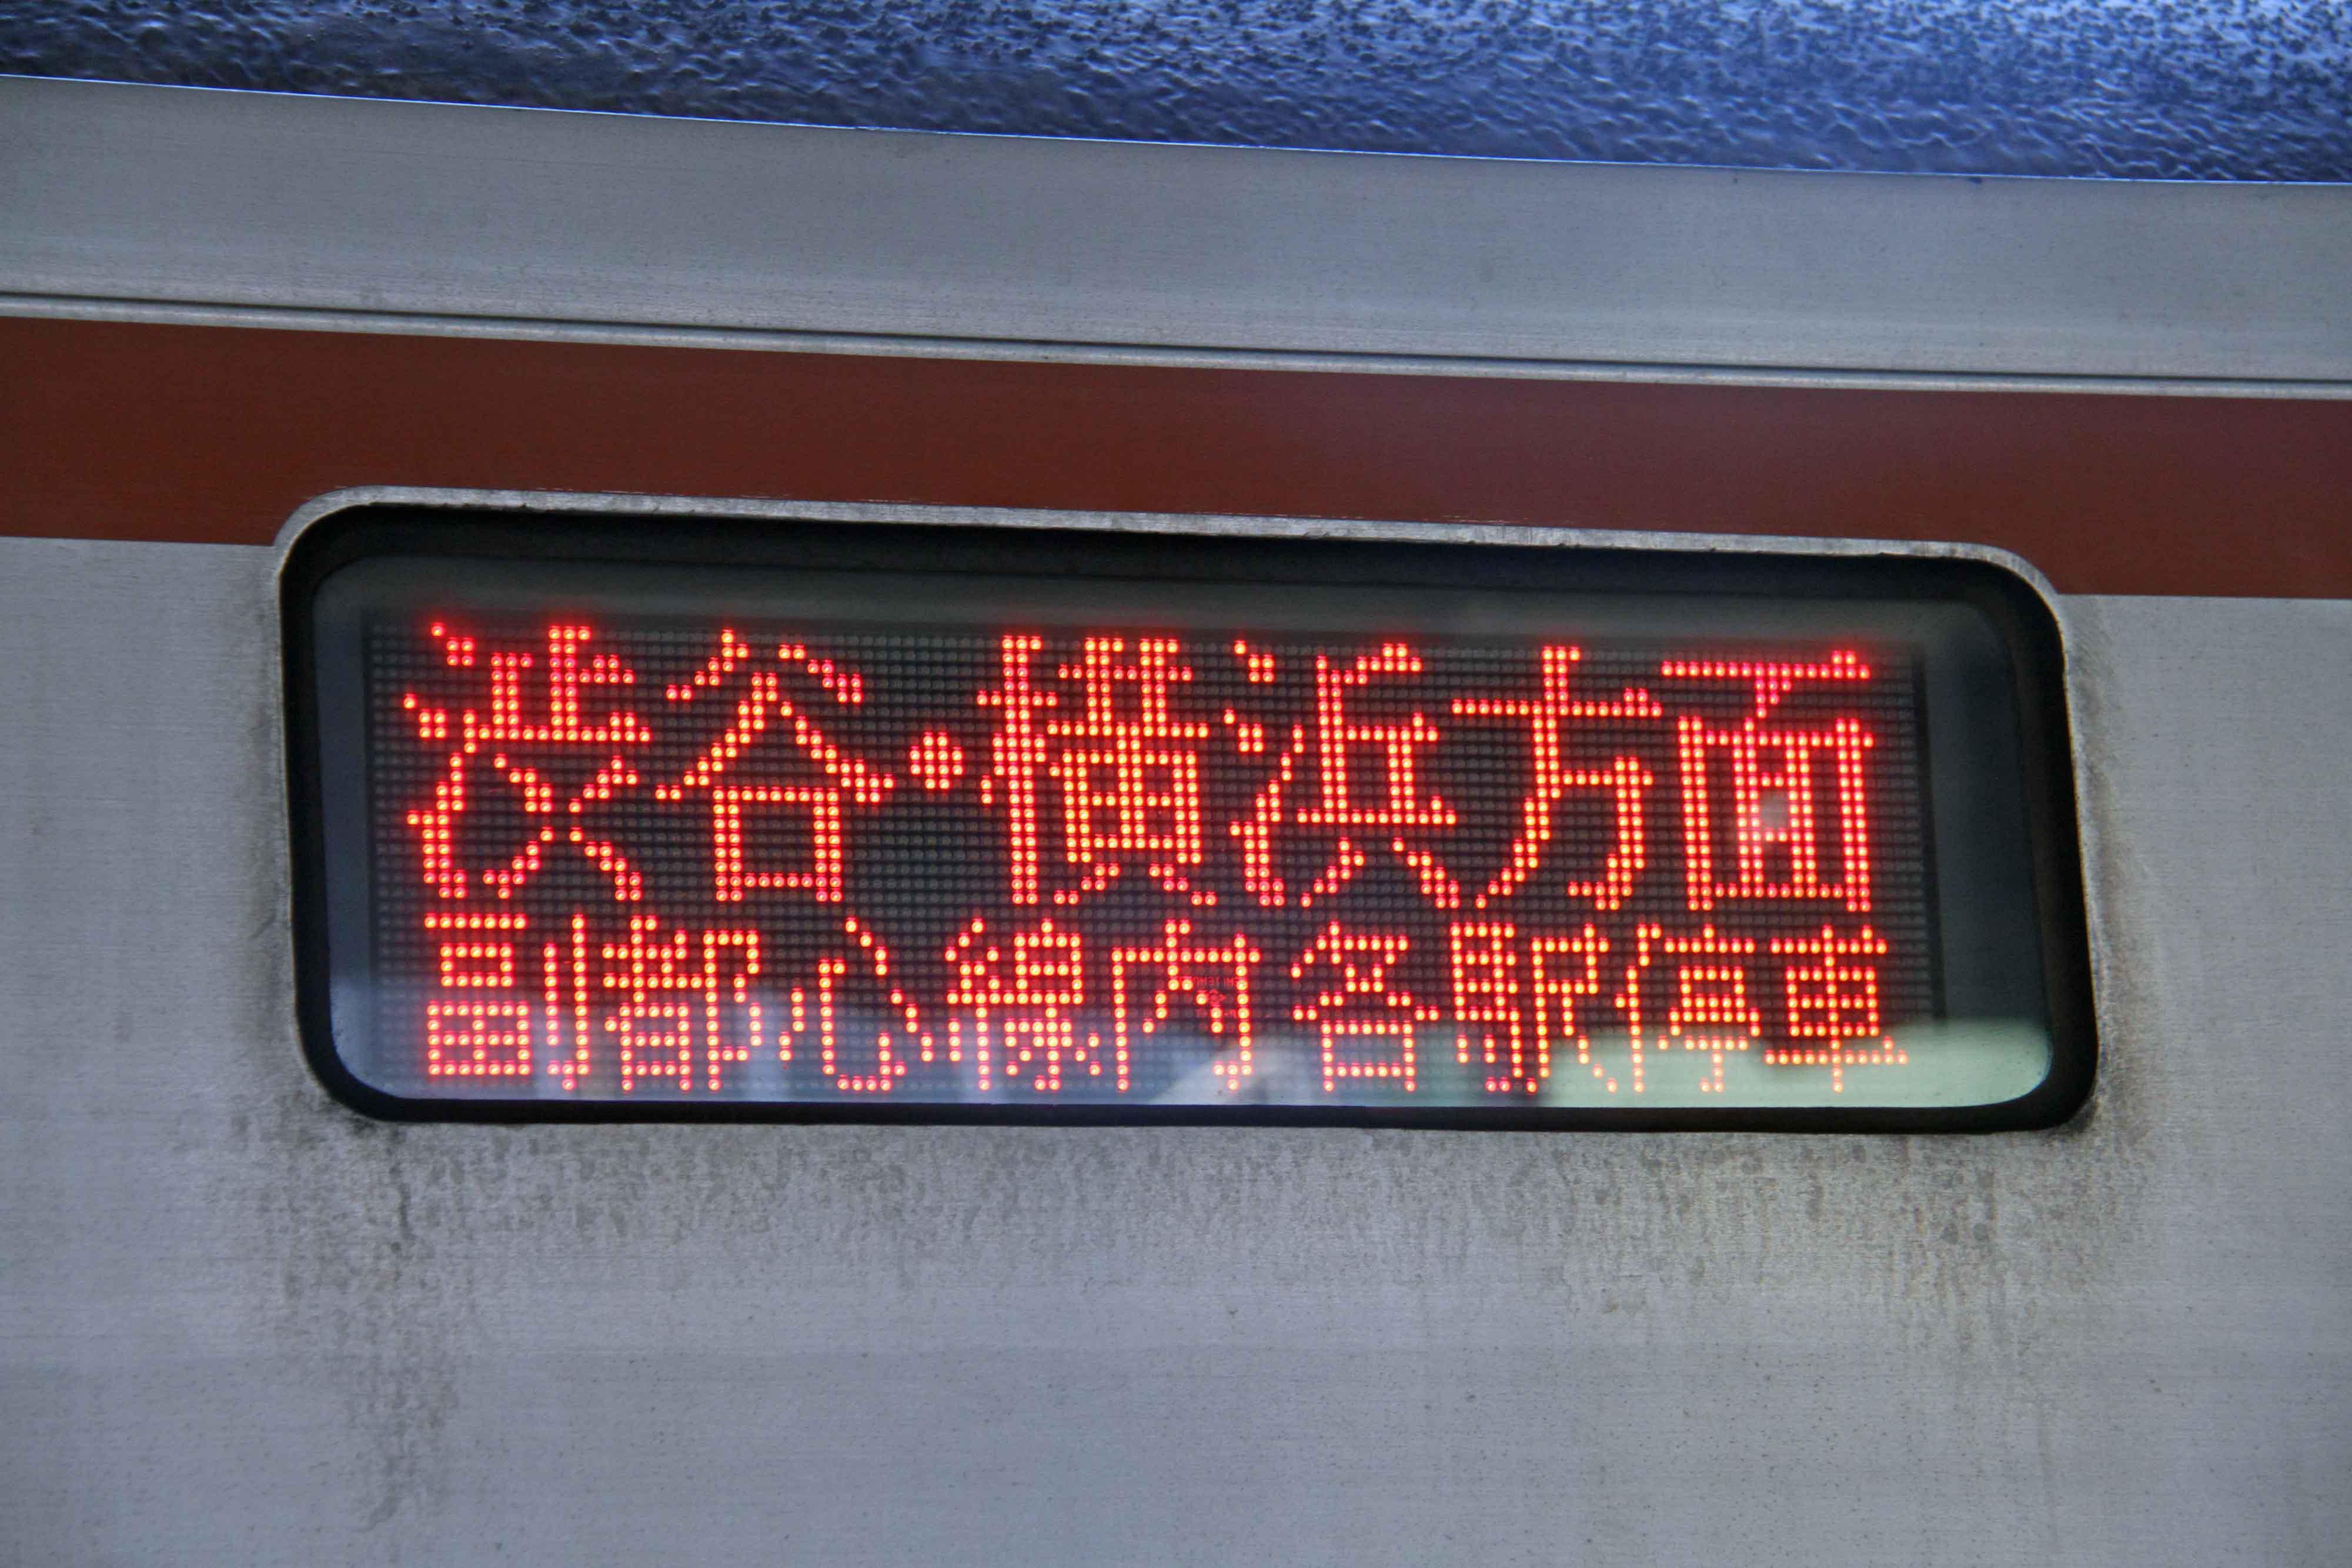 東京メトロ10000系「渋谷・横浜方面」表示